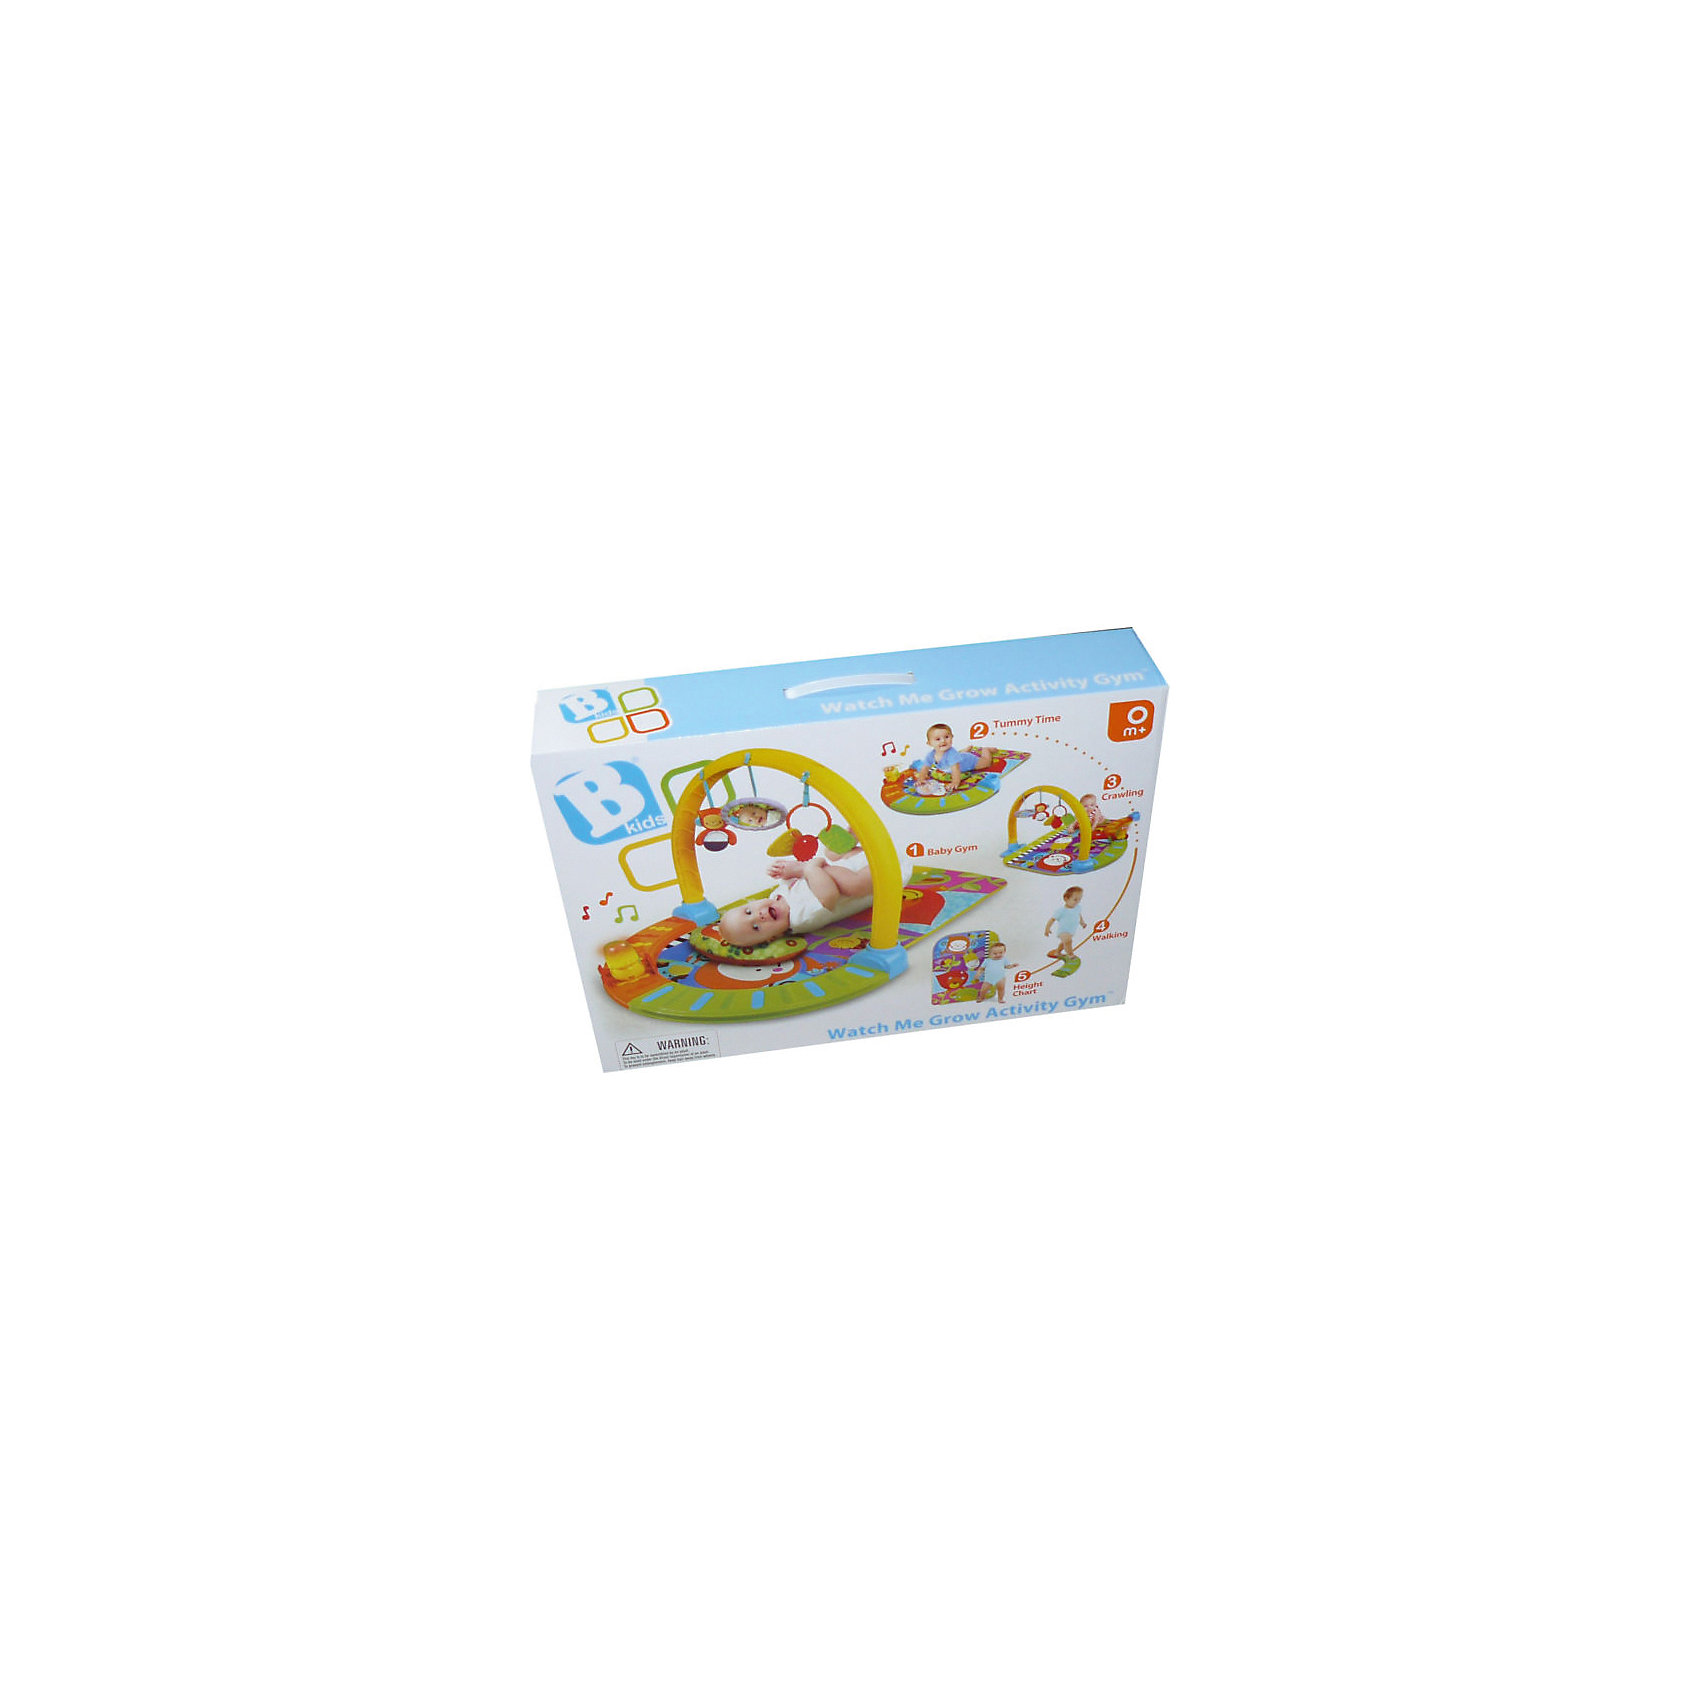 Развивающий коврик с эффектами, BkidsИгрушки для малышей<br>Развивающий коврик с эффектами, Bkids (Б Кидс) - универсальная игрушка для самых маленьких. Коврик предполагает 5 возможностей использования с учетом возраста ребенка.<br><br>Особенности:<br>- лежа на спине малыш сможет рассматривать и хватать игрушки, подвешенные на дуге<br>- лежа на животе малыш сможет следить за двигающейся гусеницей со звуковыми и световыми эффектами<br>- сидя кроха сможет изучить все цвета, картинки и игрушки коврика<br>- малыш может повторить путешествие гусеницы, ползая по дорожке<br>- вы может измерить рост крохи с помощью ростомера на коврике (до 70 см)<br><br>Дополнительная информация:<br>В комплекте: коврик, дуга, съемная дорожка для гусеницы, гусеница, подушечка, игрушки(прорезыватель, безопасное зеркало и погремушка)<br>Батарейки: ААА - 3шт. (в комплект не входят)<br>Размер упаковки: 60,9х10,8х44,4 см<br><br>Вы можете приобрести развивающий коврик с эффектами, Bkids (Б Кидс) в нашем интернет-магазине.<br><br>Ширина мм: 637<br>Глубина мм: 475<br>Высота мм: 130<br>Вес г: 2385<br>Возраст от месяцев: 0<br>Возраст до месяцев: 12<br>Пол: Унисекс<br>Возраст: Детский<br>SKU: 4159840